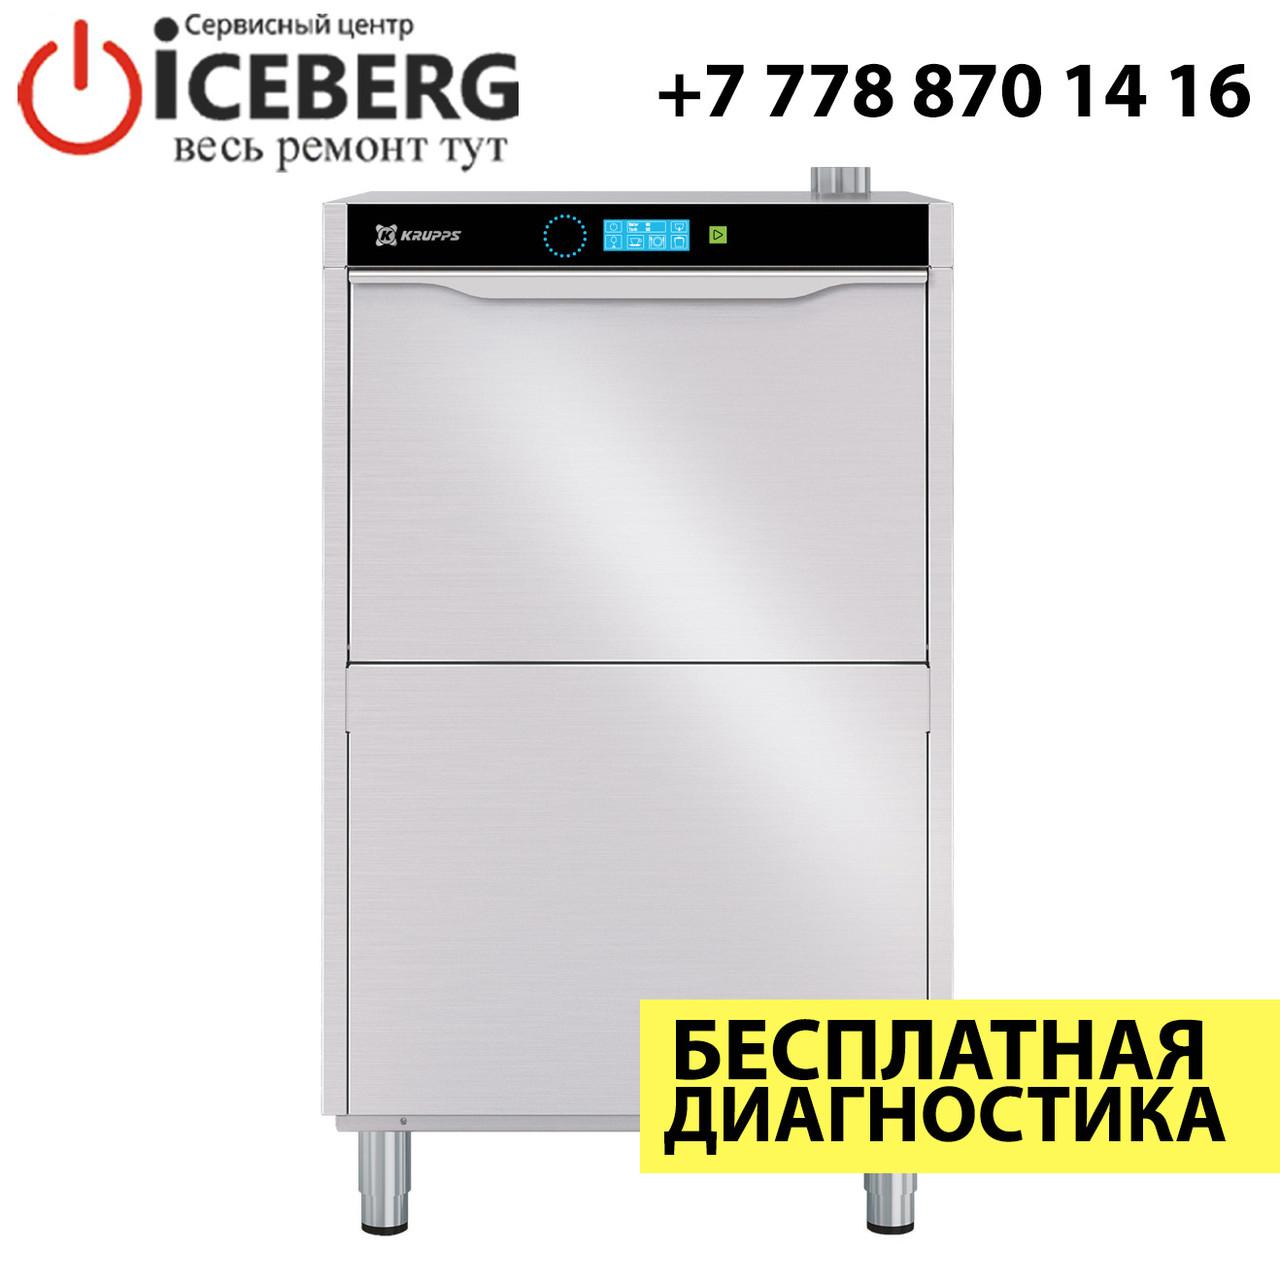 Ремонт посудомоечных машин Krupps